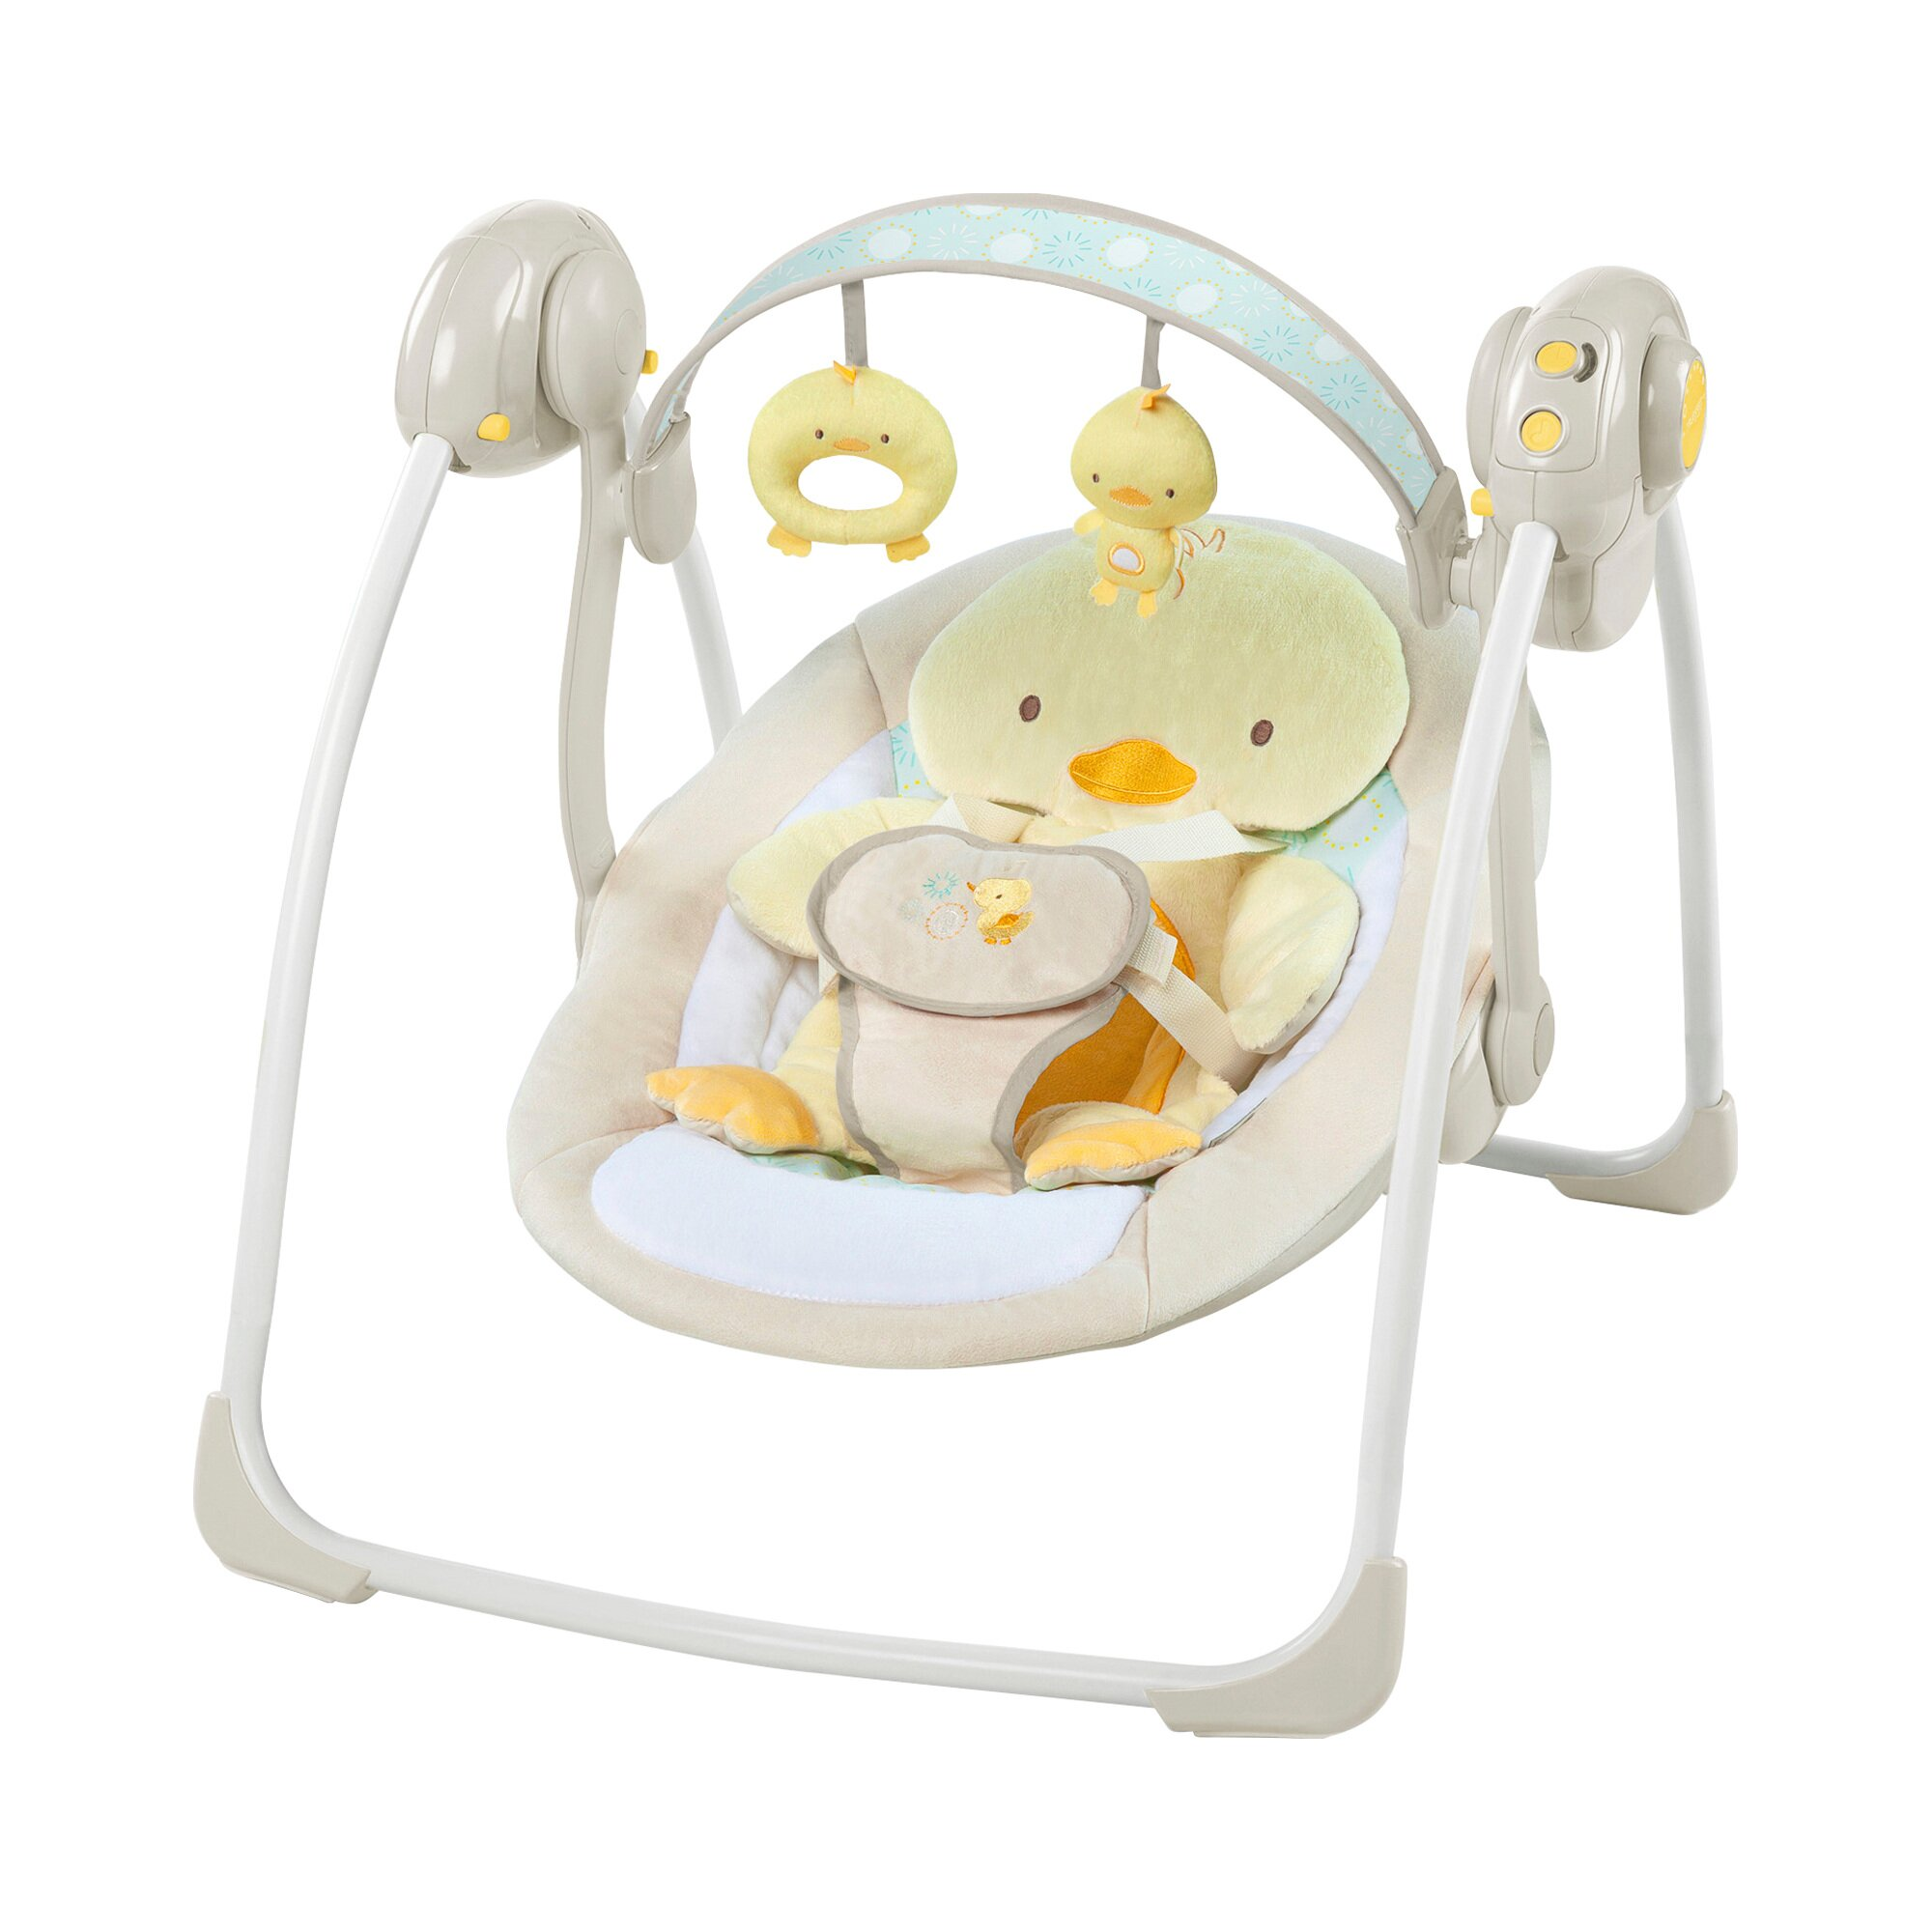 Ingenuity Babyschaukel Soothe'n Delight Portable Swing™